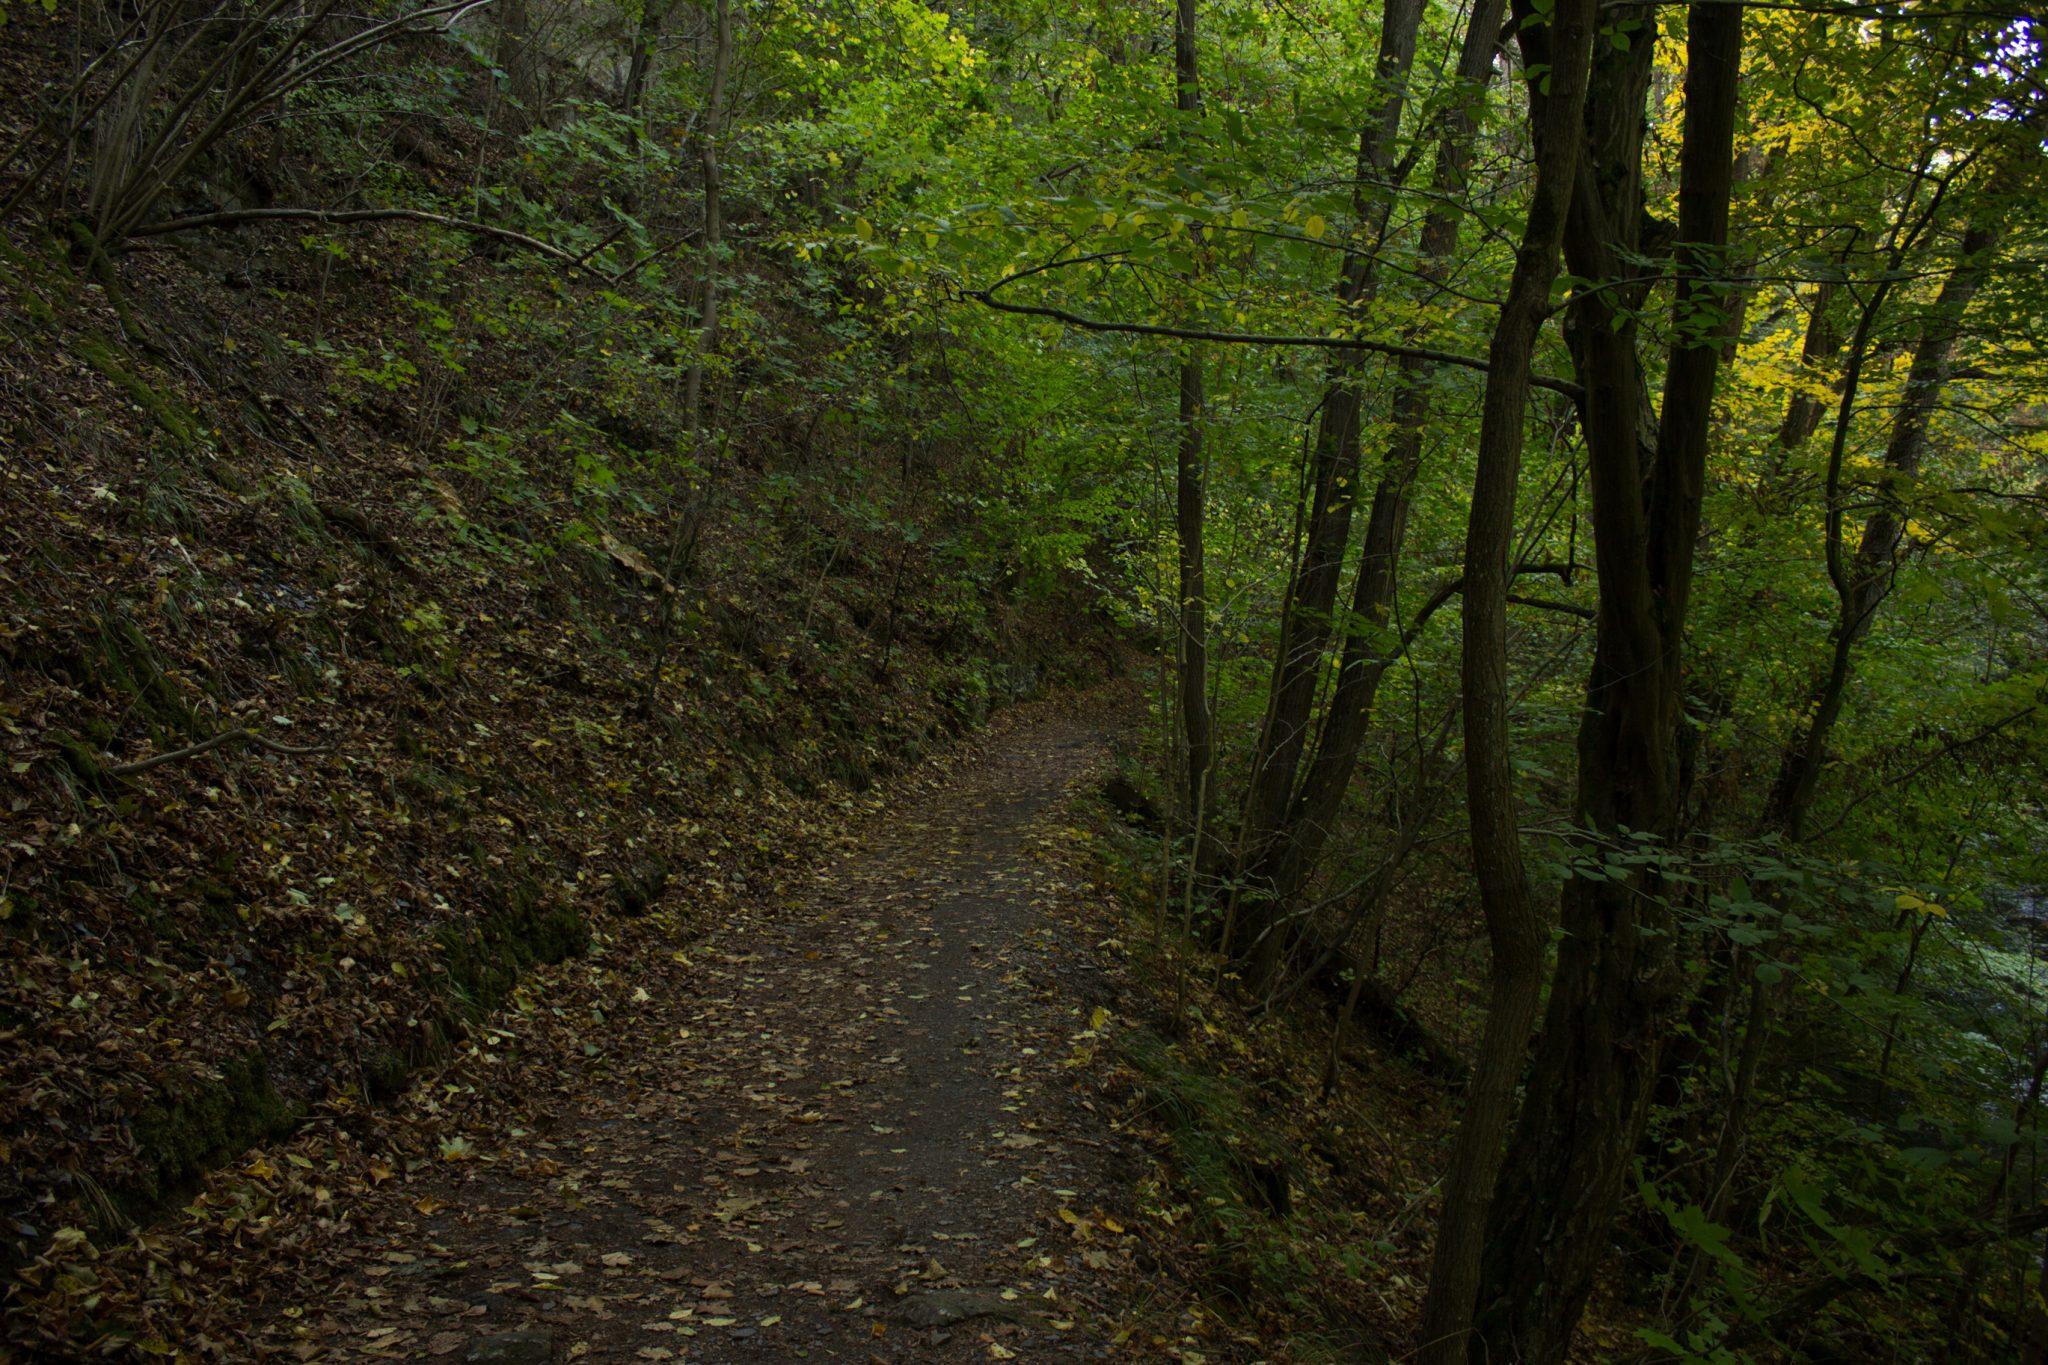 Rundwanderung Thale nach Treseburg - über Hexentanzplatz, Bodetal und Roßtrappe, naturbelassener Wanderweg im schönen Bodetal, umgeben von dichtem grünen Wald, Bode fließt durch idyllisches Tal